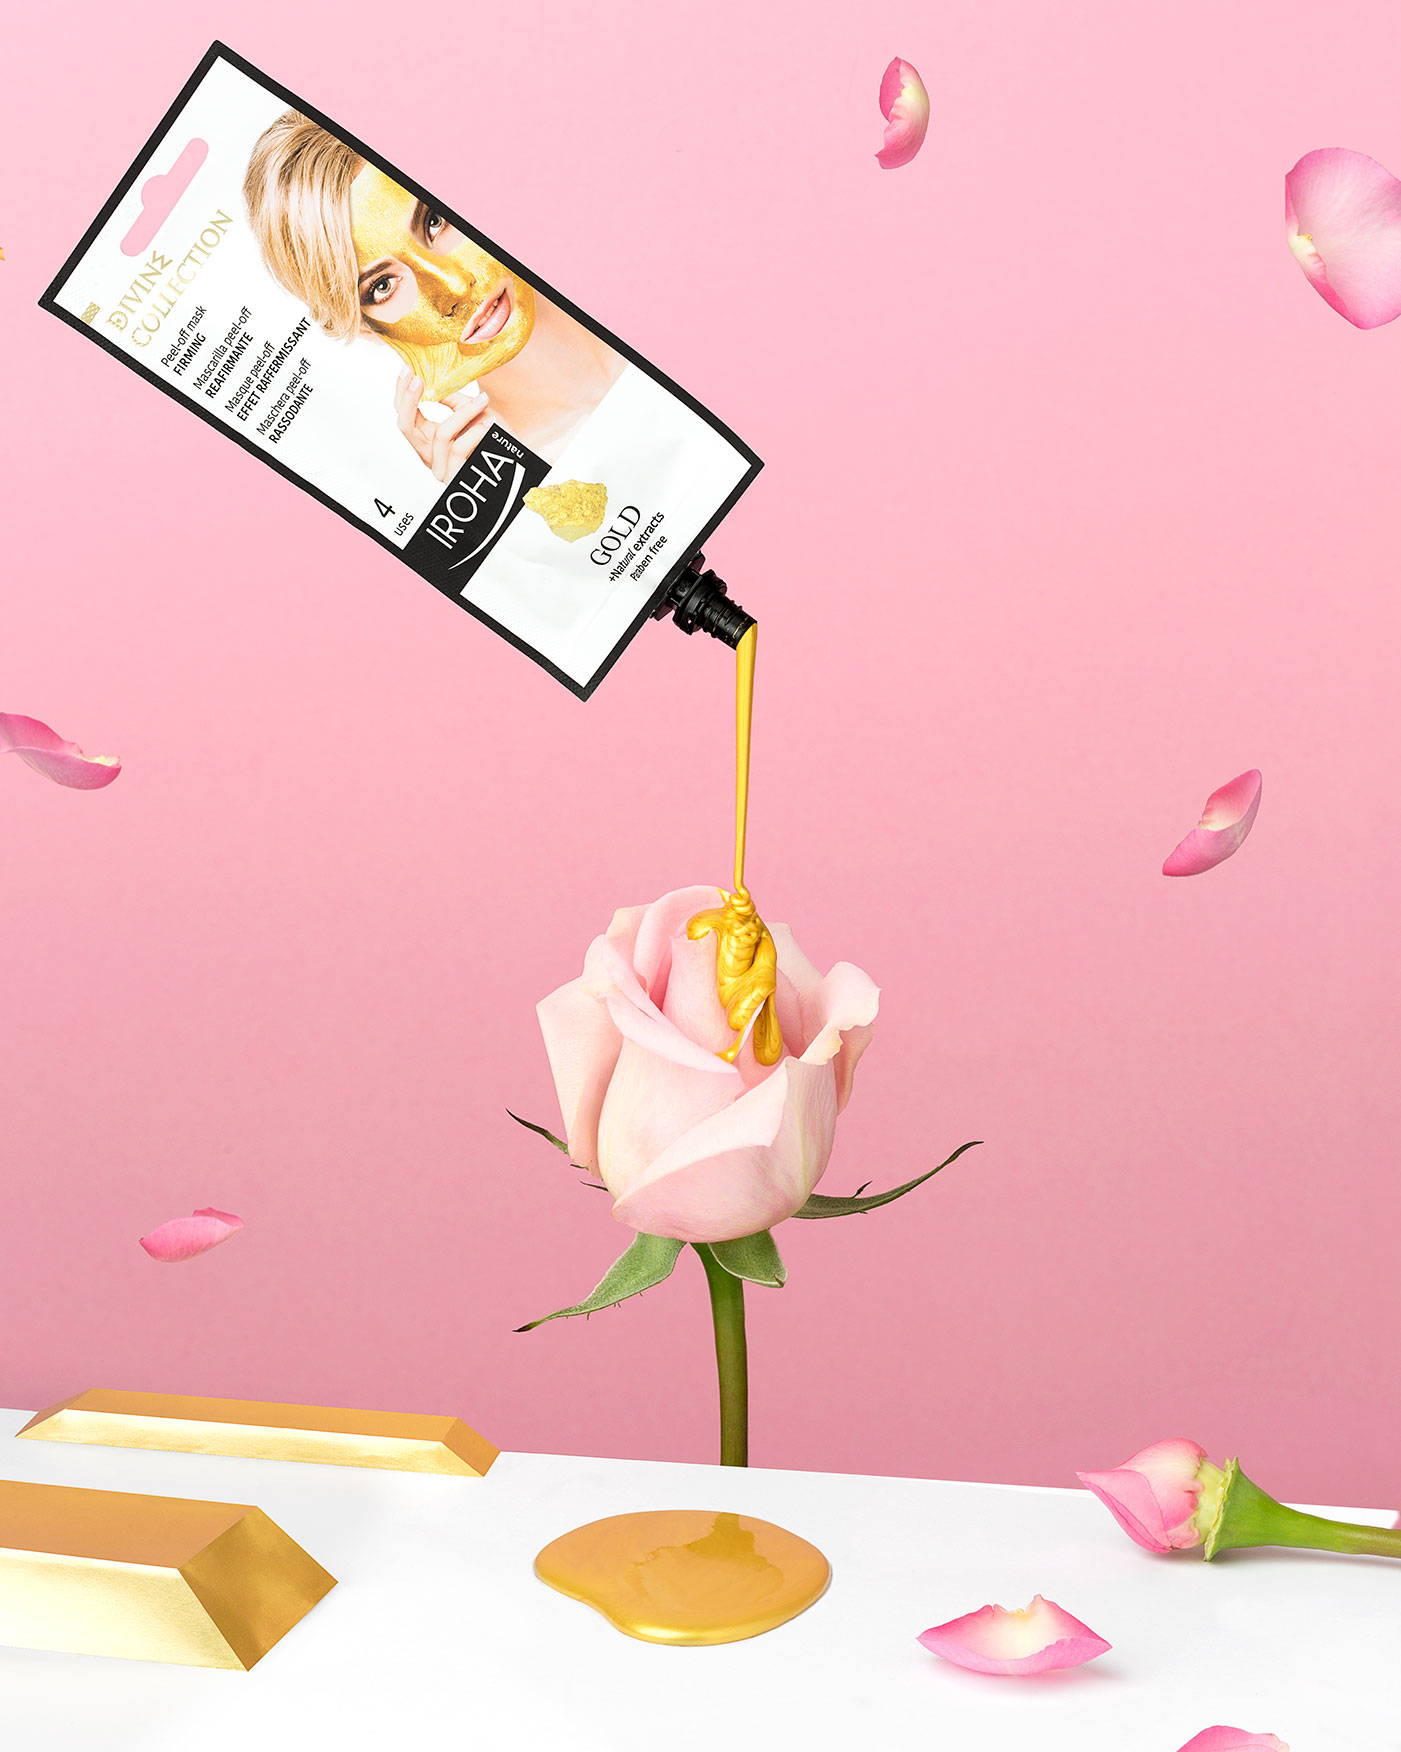 Funtastic Spring! - Fotografía para campaña publicitaria - Mascarilla Peel Off Gold